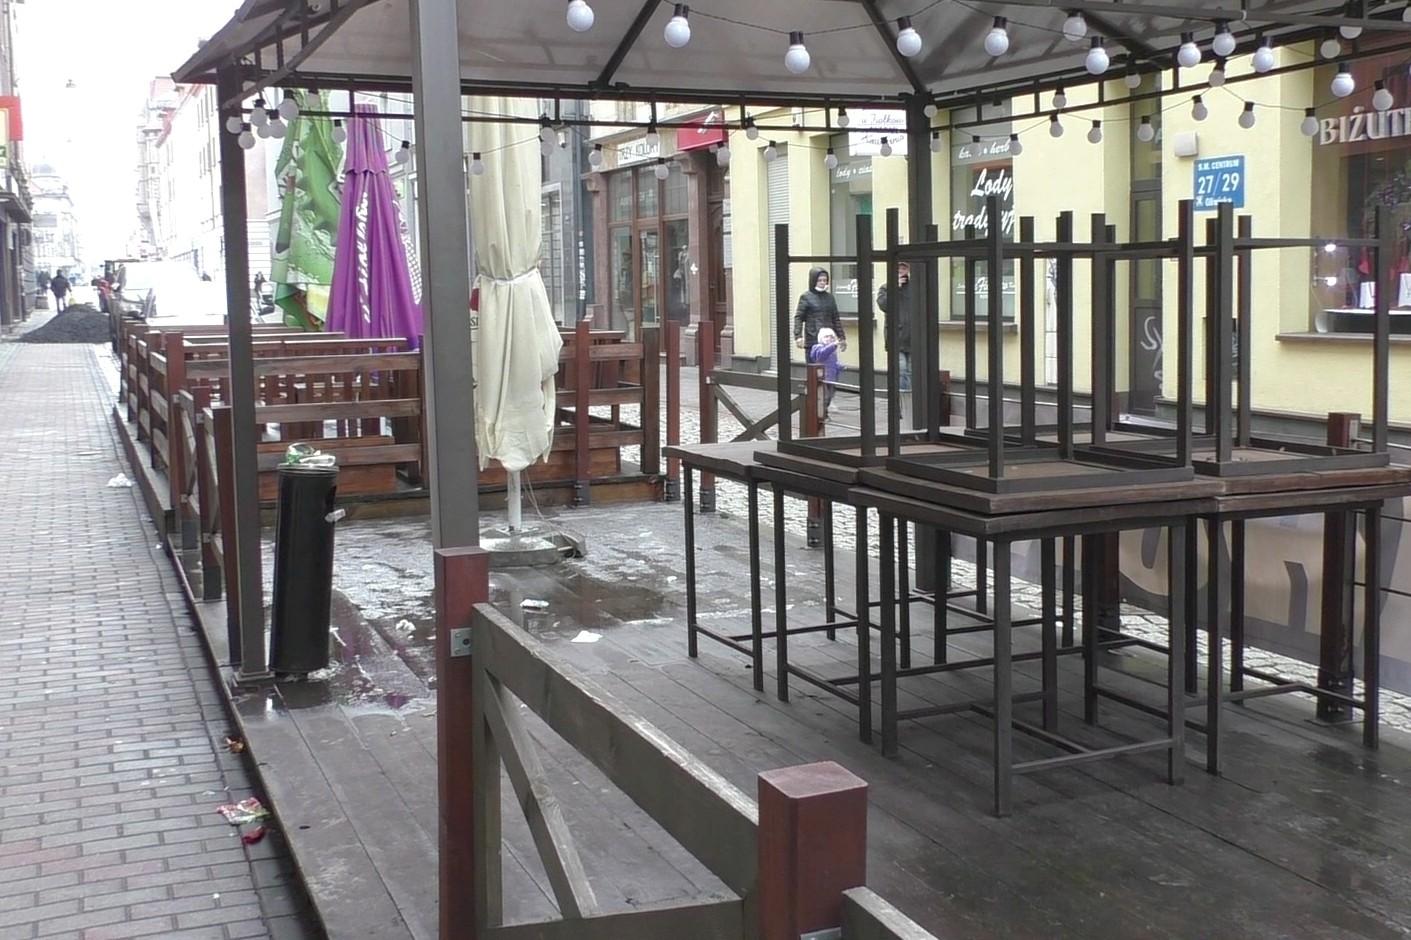 SONDA: Czy restauracje powinny być otwarte pomimo zakazów